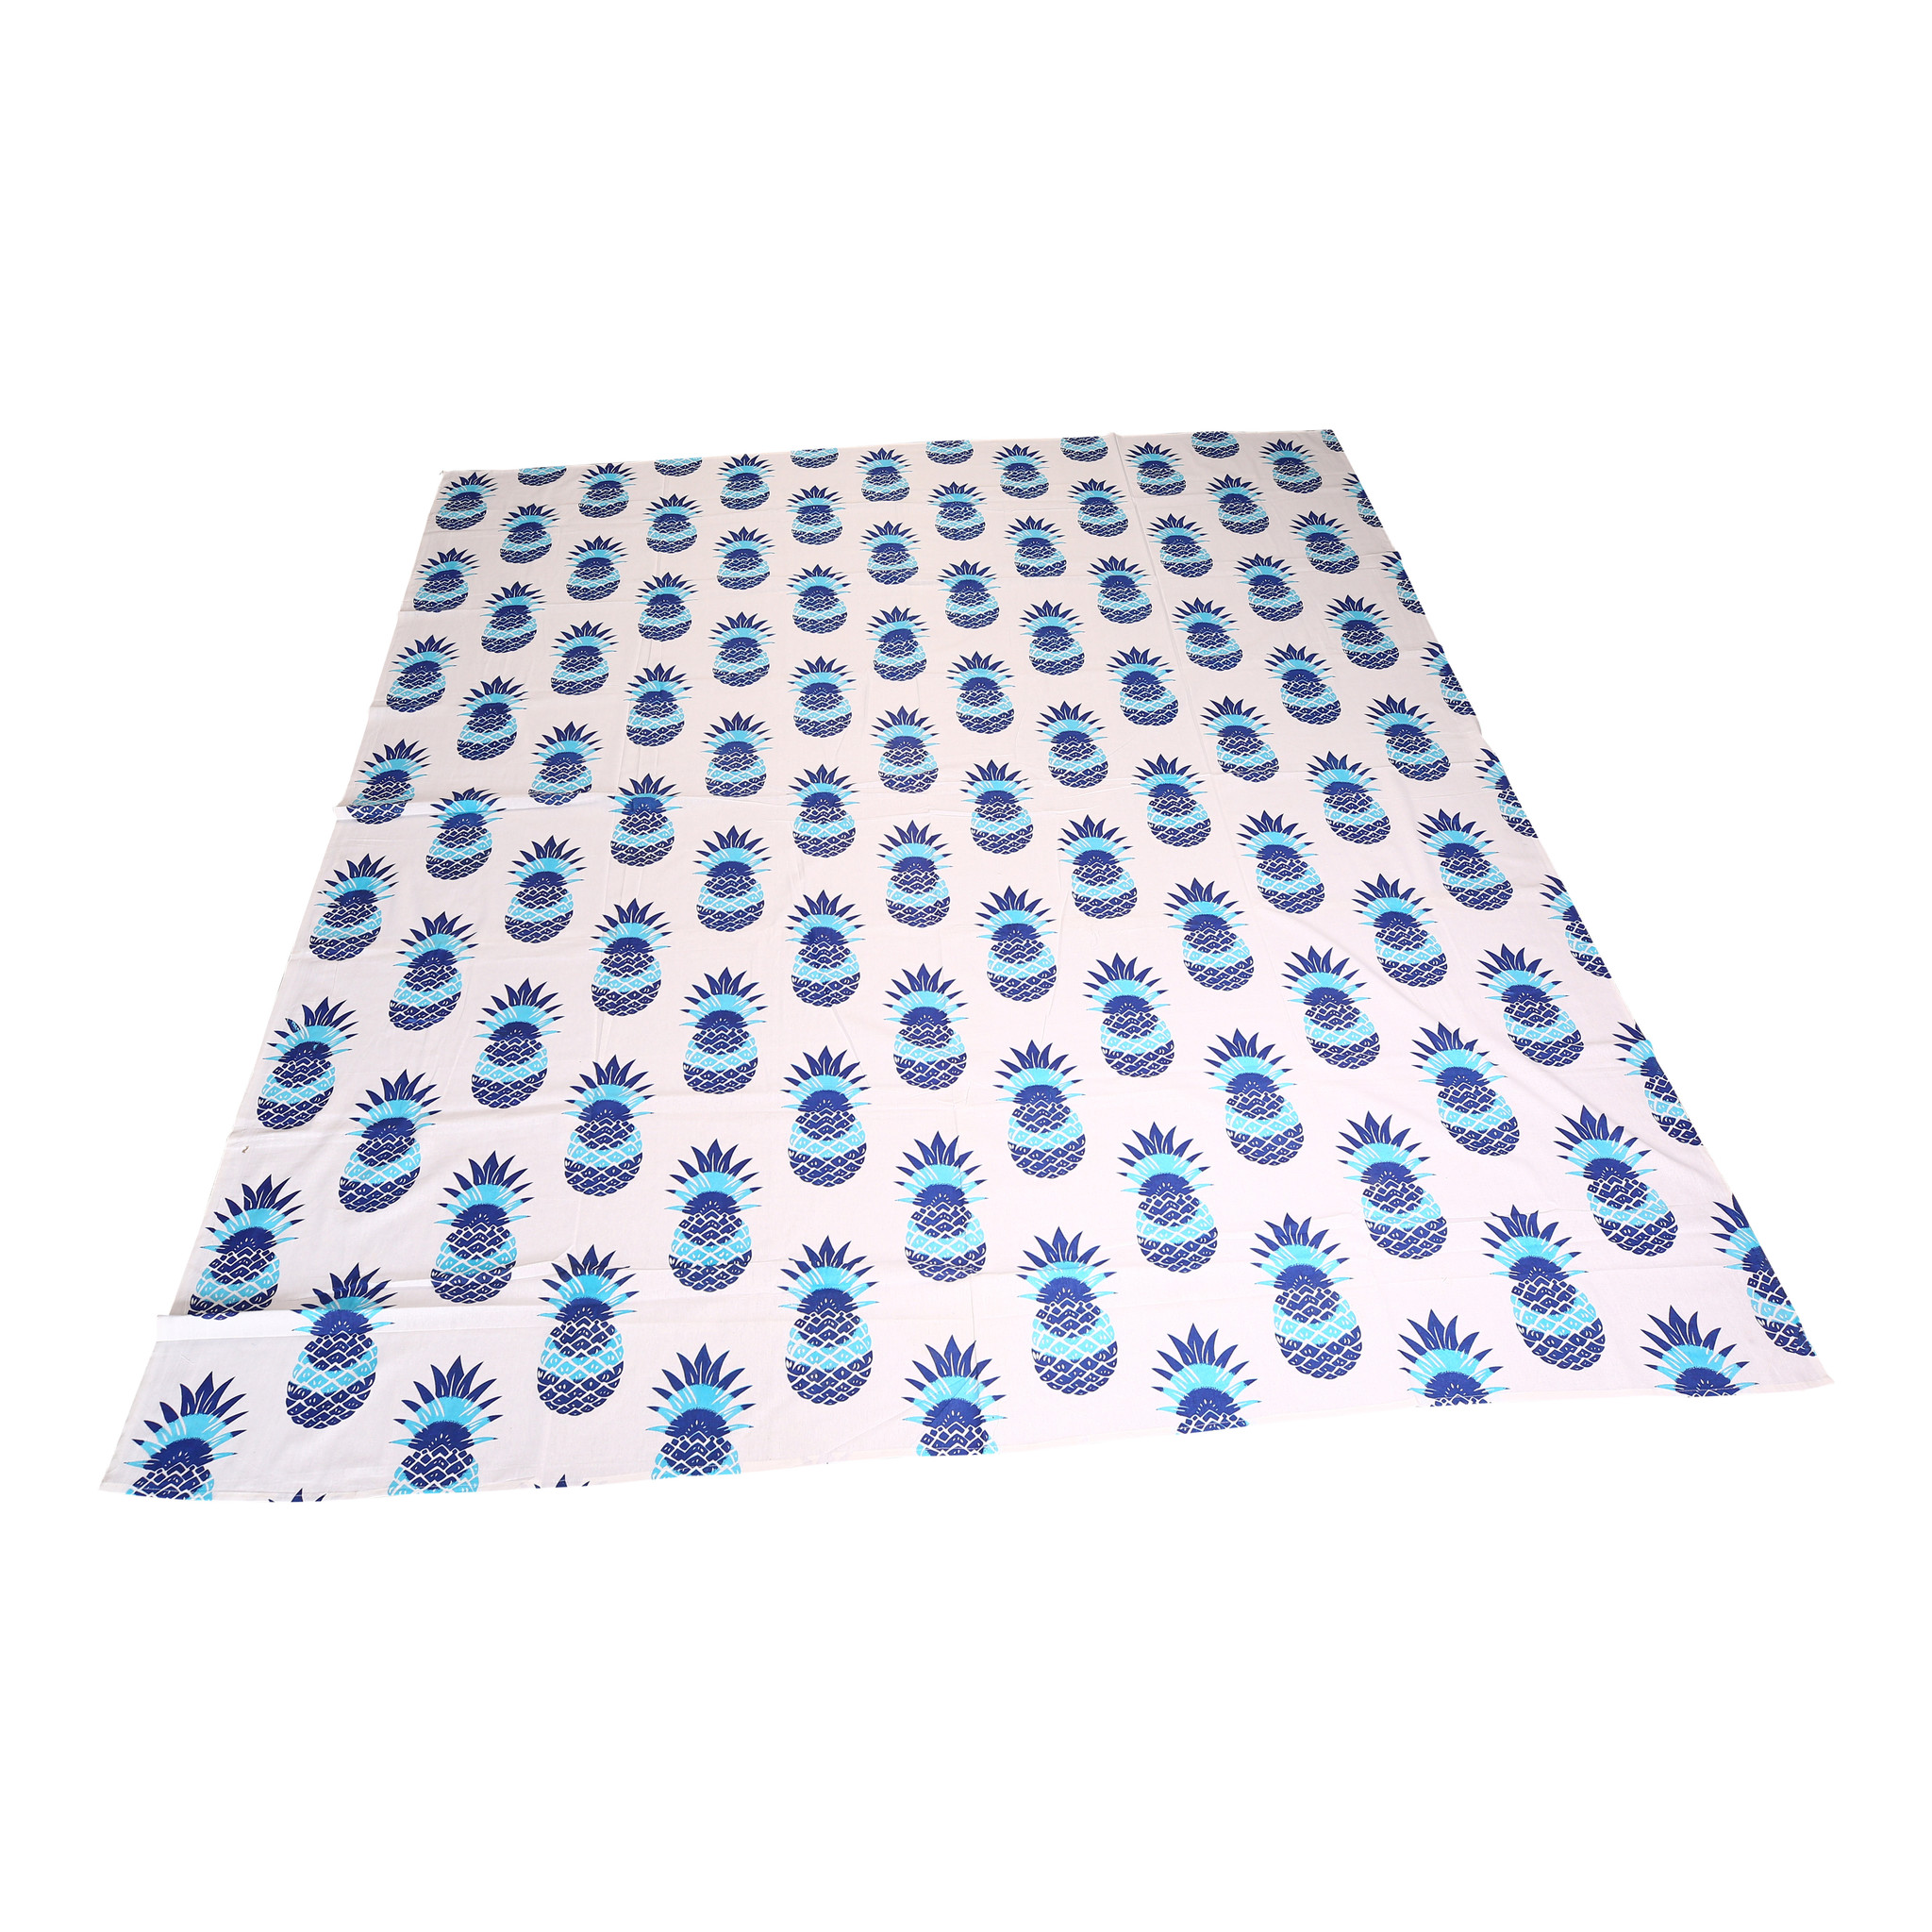 Myroundie Myroundie - roundie - vierkant strandlaken XL – yoga kleed- speelkleed - picknickkleed -100% katoen – Q34